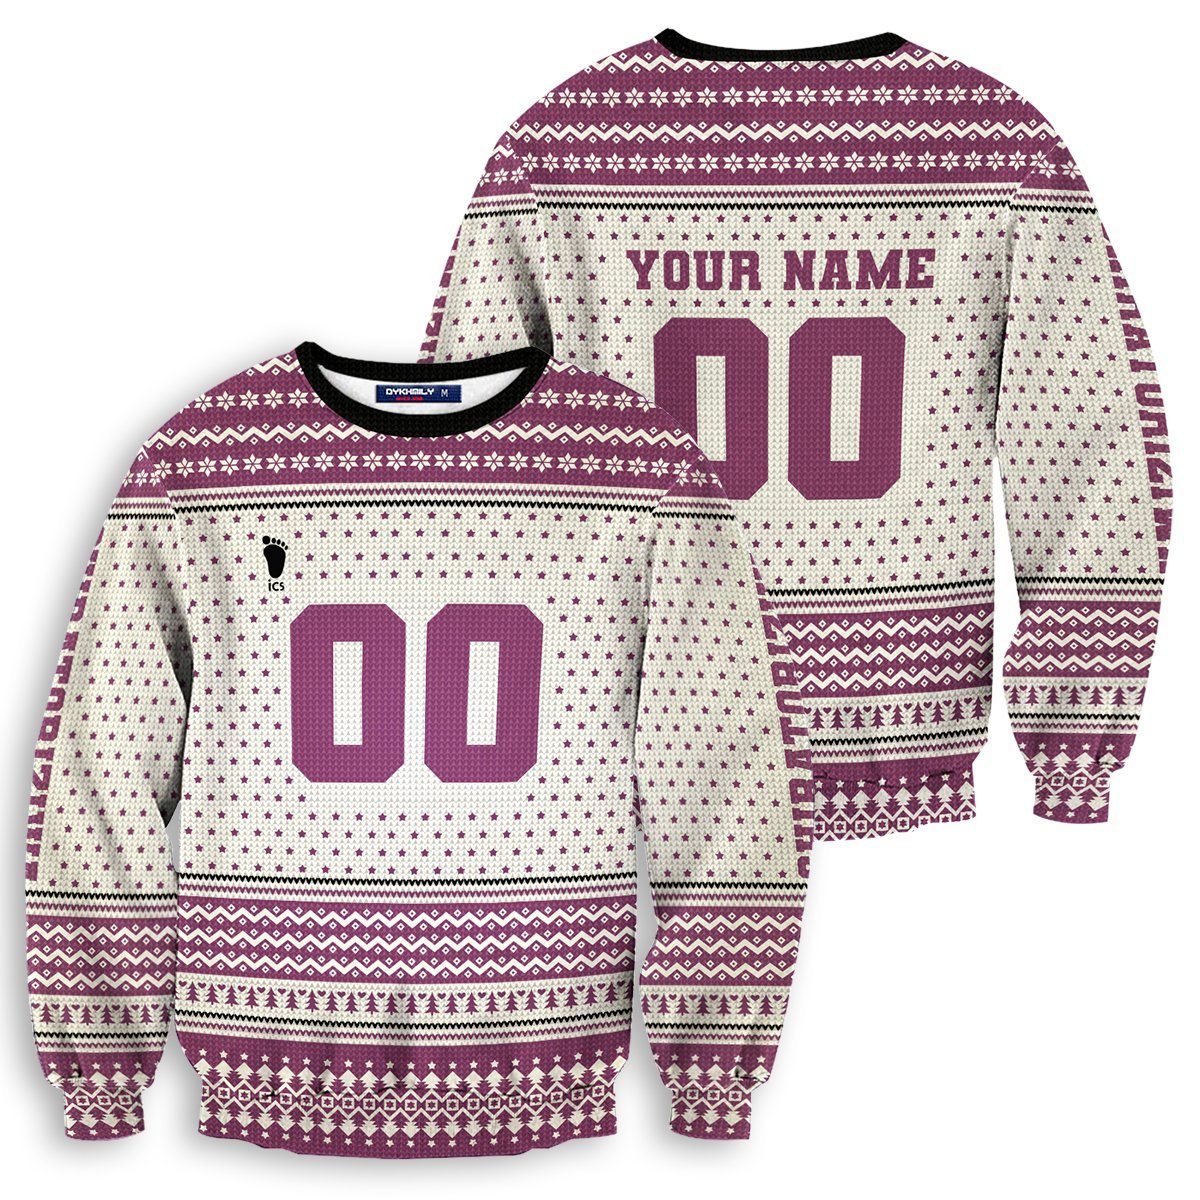 Personalized Team Shiratorizawa Christmas Unisex Wool Sweater FDM0310 S Official Otaku Treat Merch